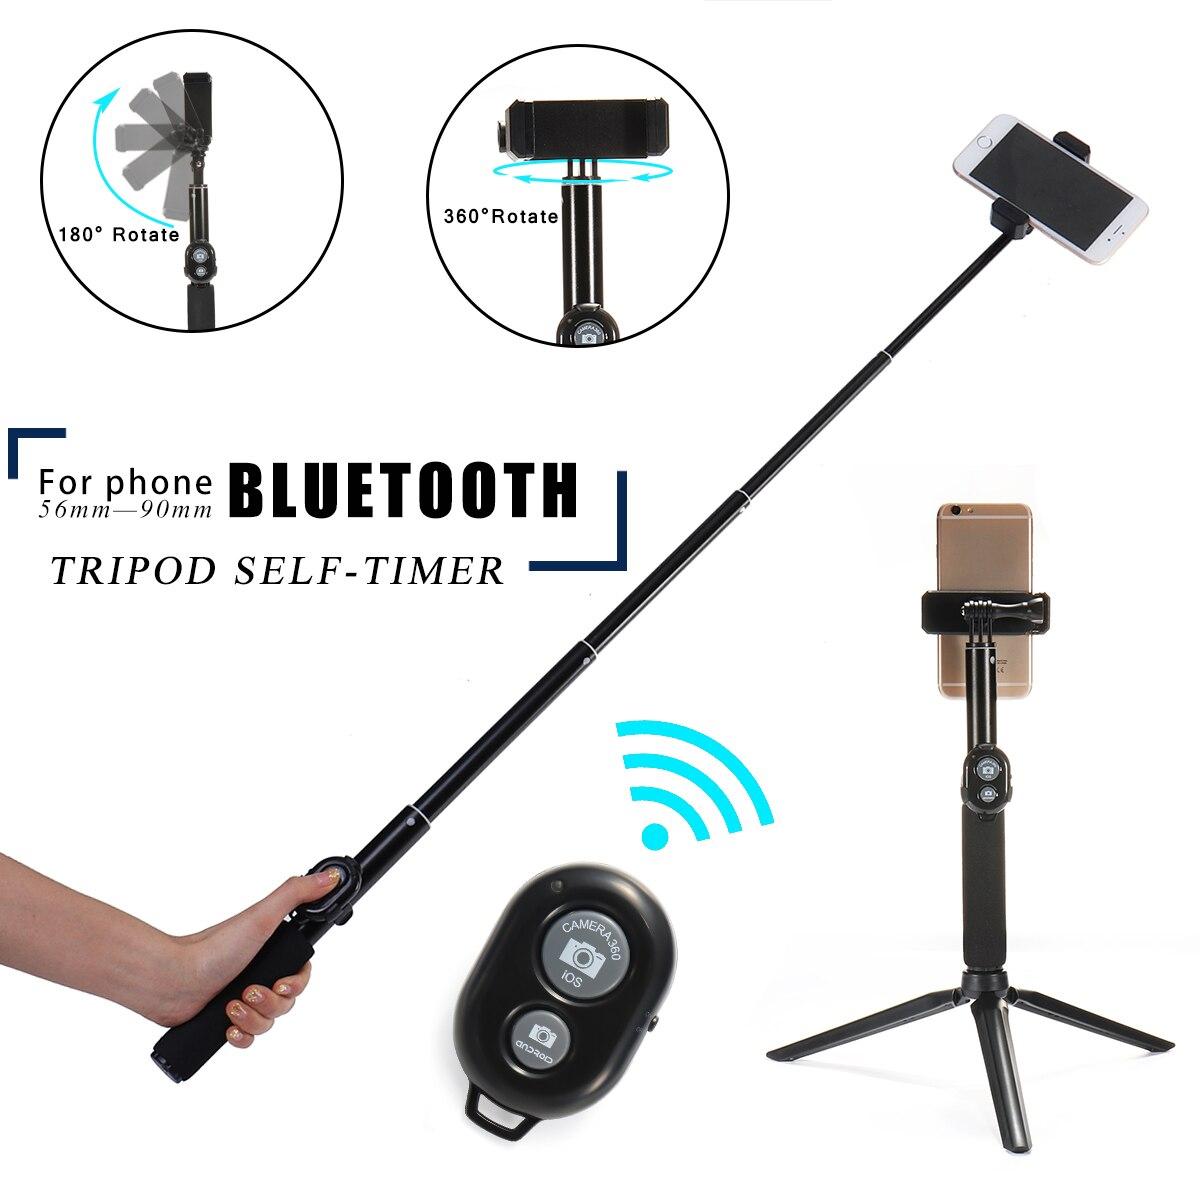 Stativ Monopod Selfie Stick bluetooth Mit Taste Clip 56-90mm für iPhone X 6 7 8 8 plus für Samsung S8 S9 Android Selfie Stick